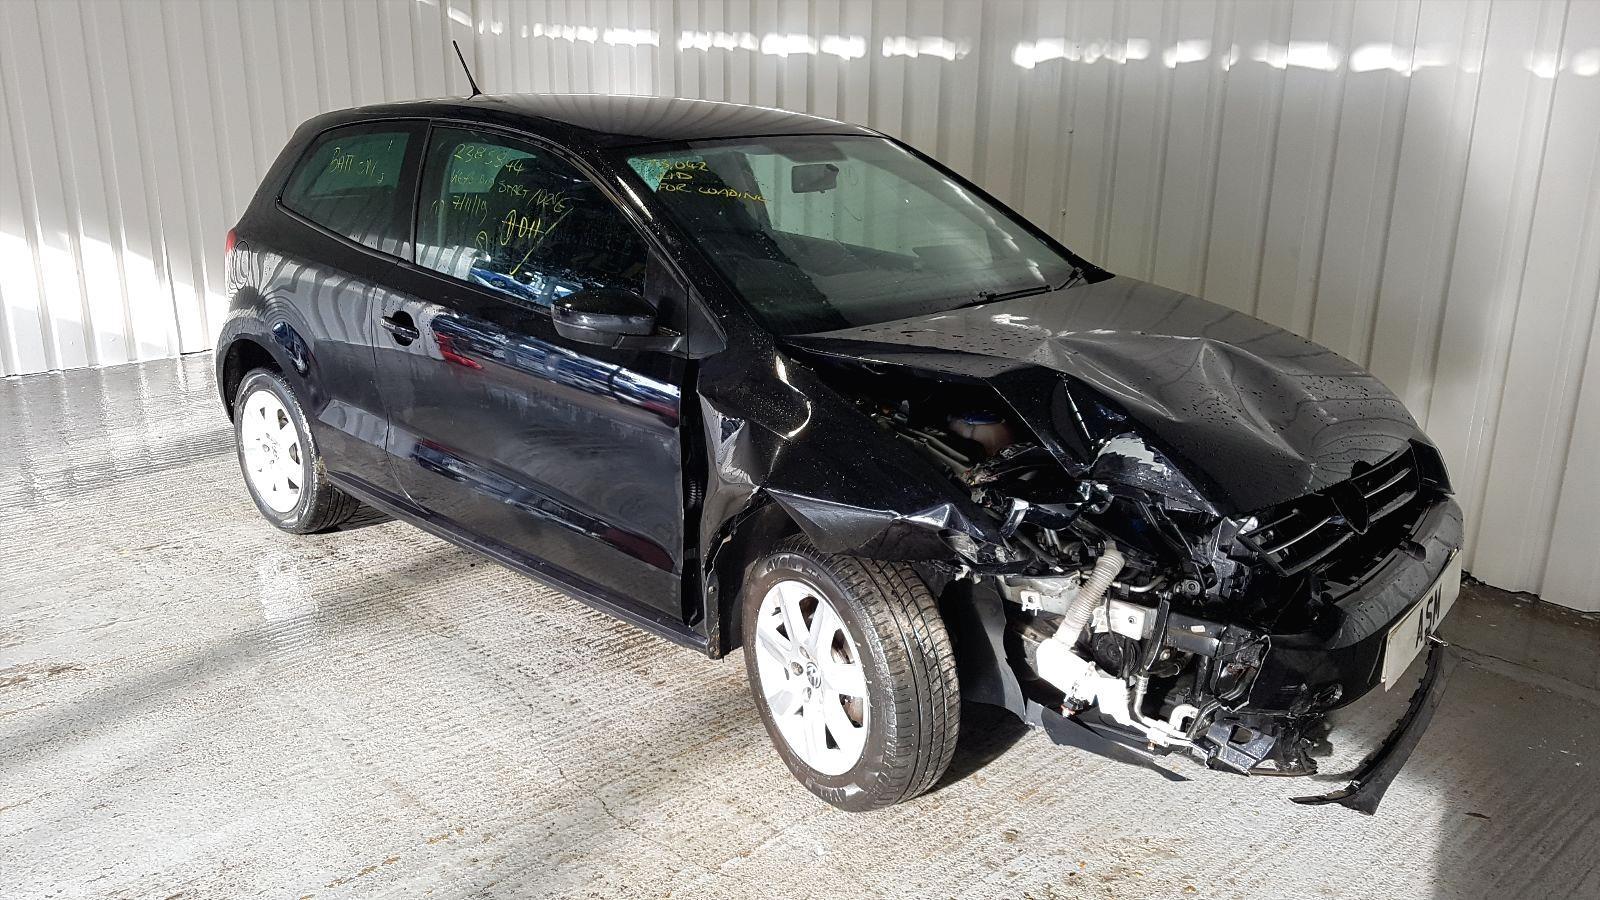 Image for a Volkswagen Polo 2012 3 Door Hatchback